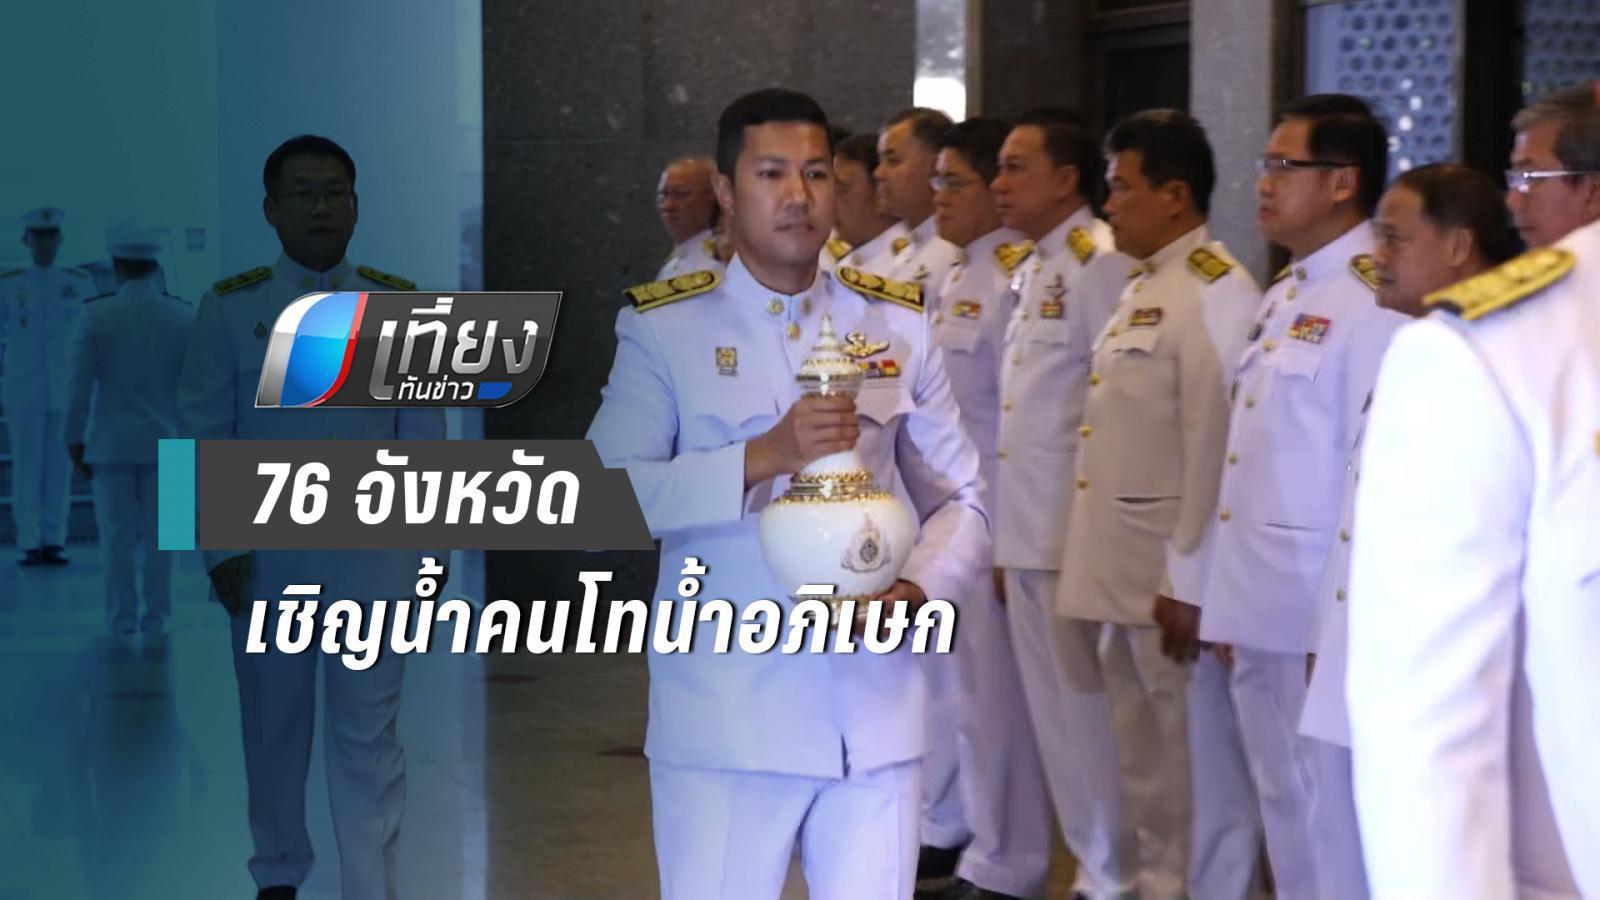 76 จังหวัด อัญเชิญคนโทน้ำอภิเษกมาเก็บไว้ที่ ก.มหาดไทย